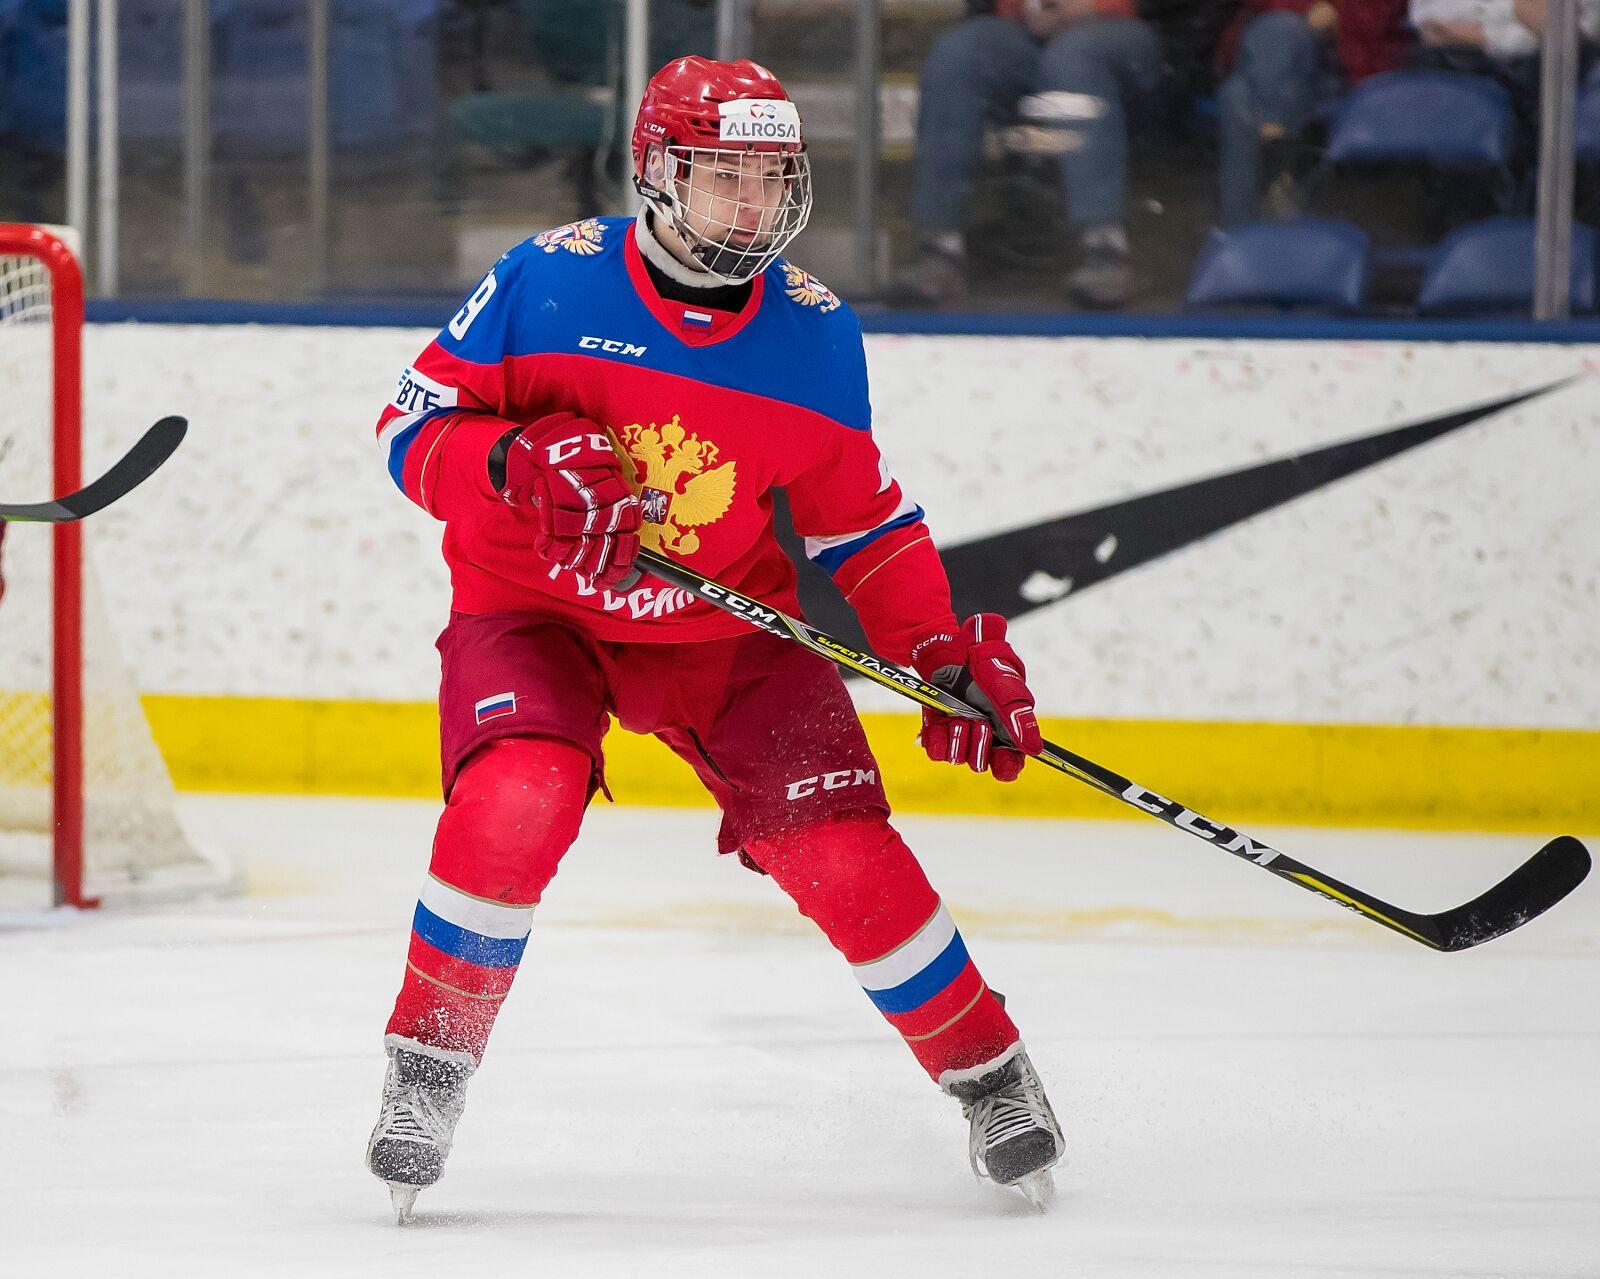 2019 NHL Mock Draft: Kings land talented Russian winger Podkolzin